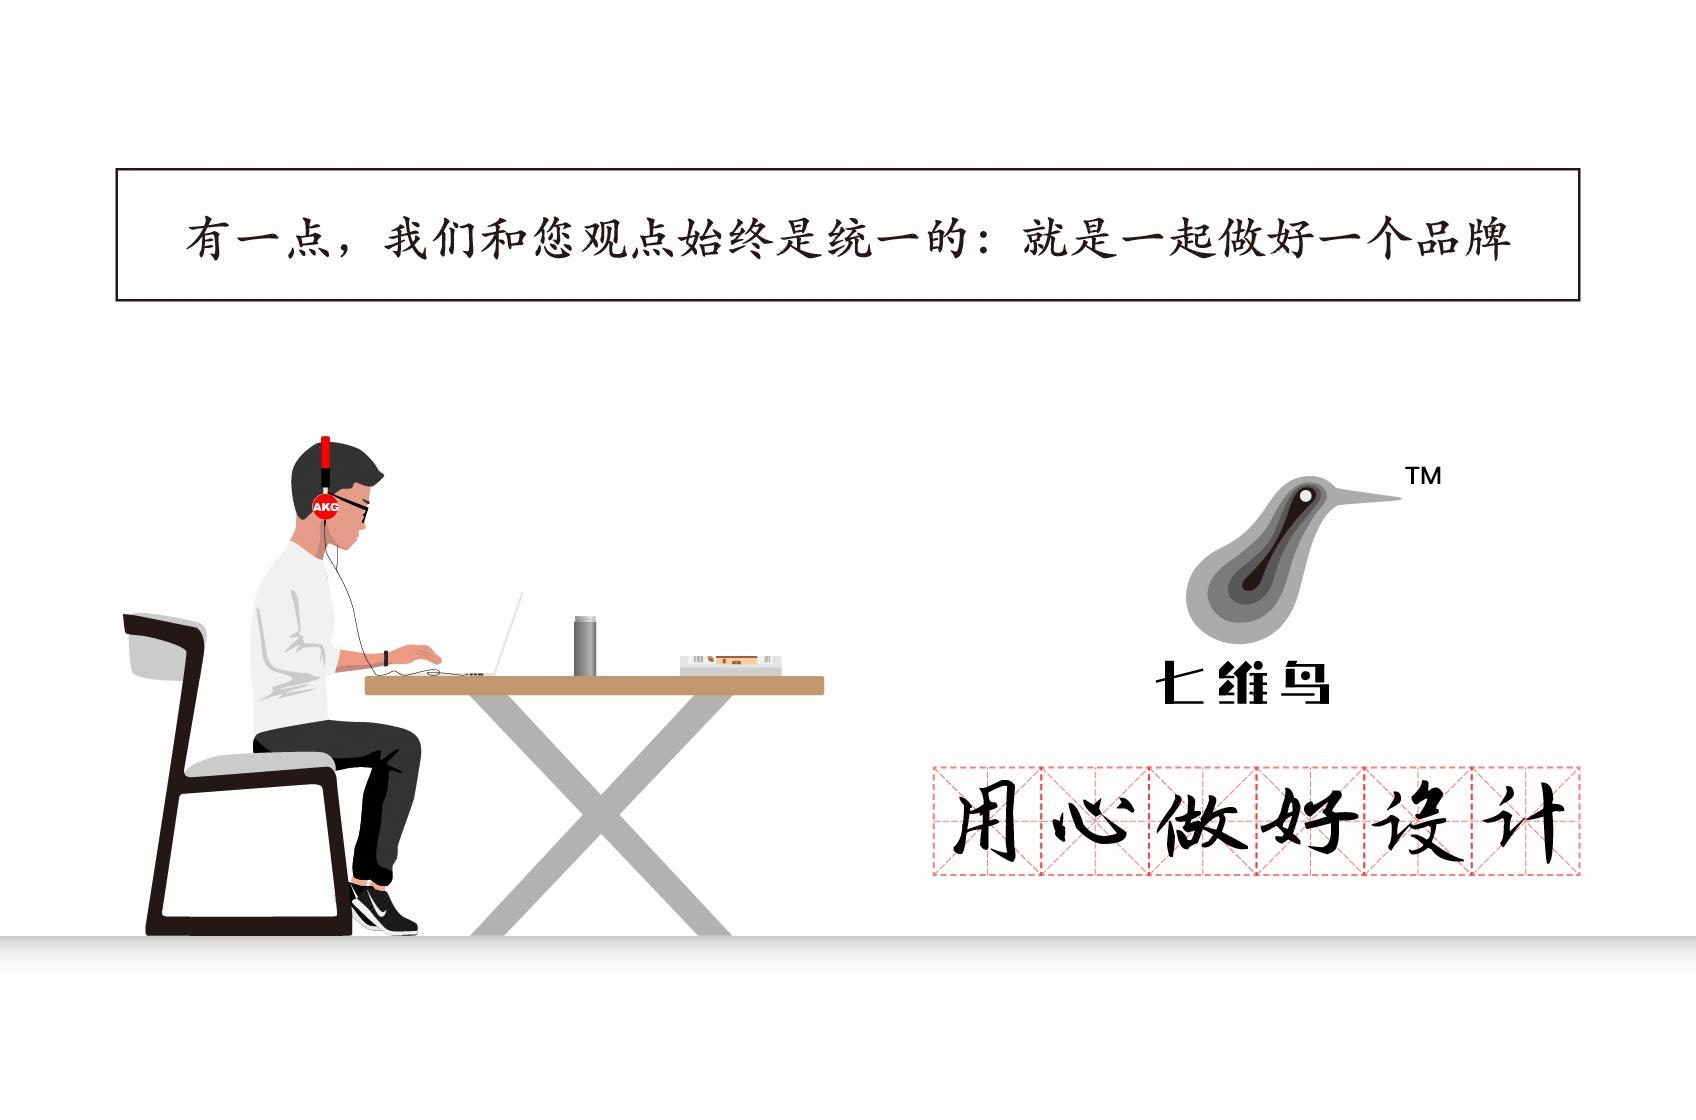 LOGO_字体设计文字logo公司企业品牌标志图标设计42